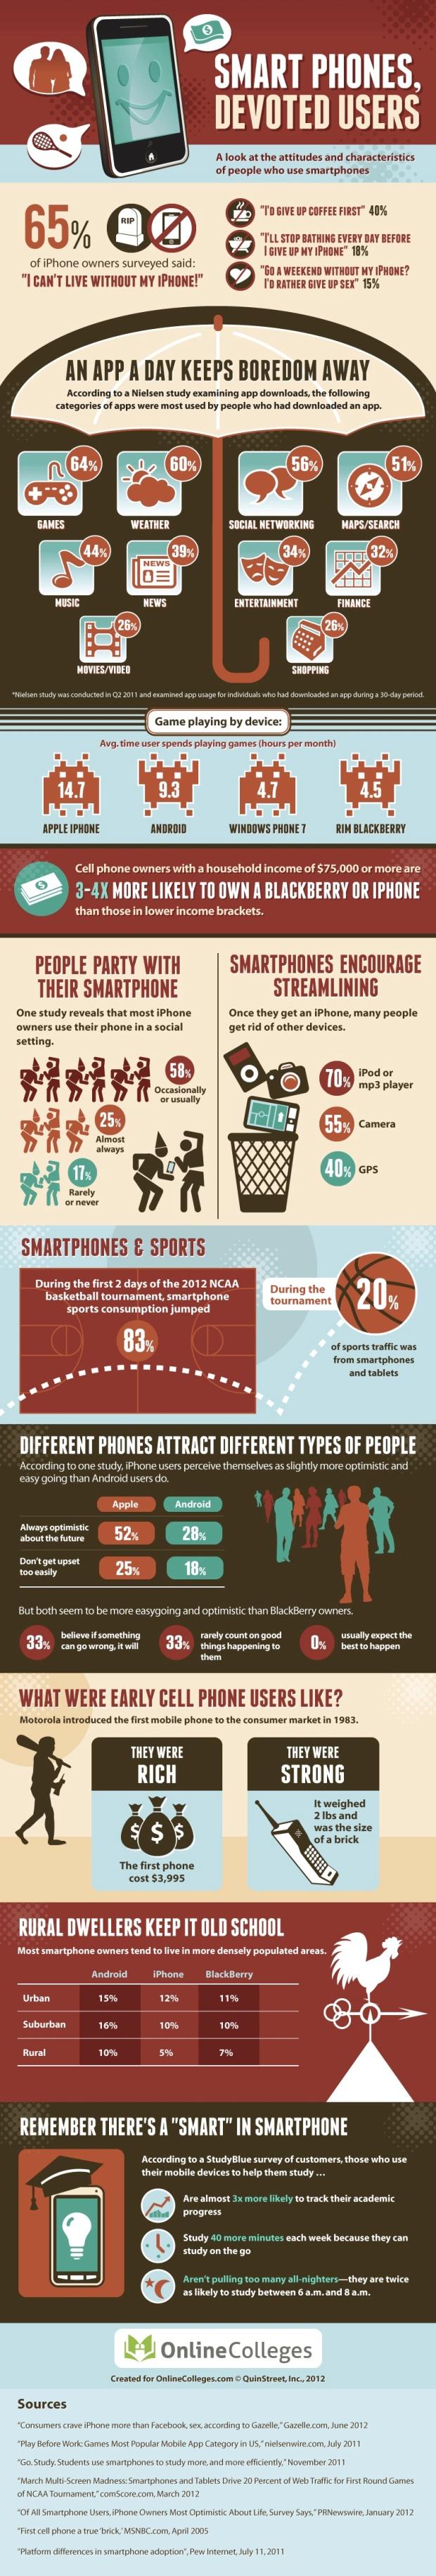 smartphones infographic